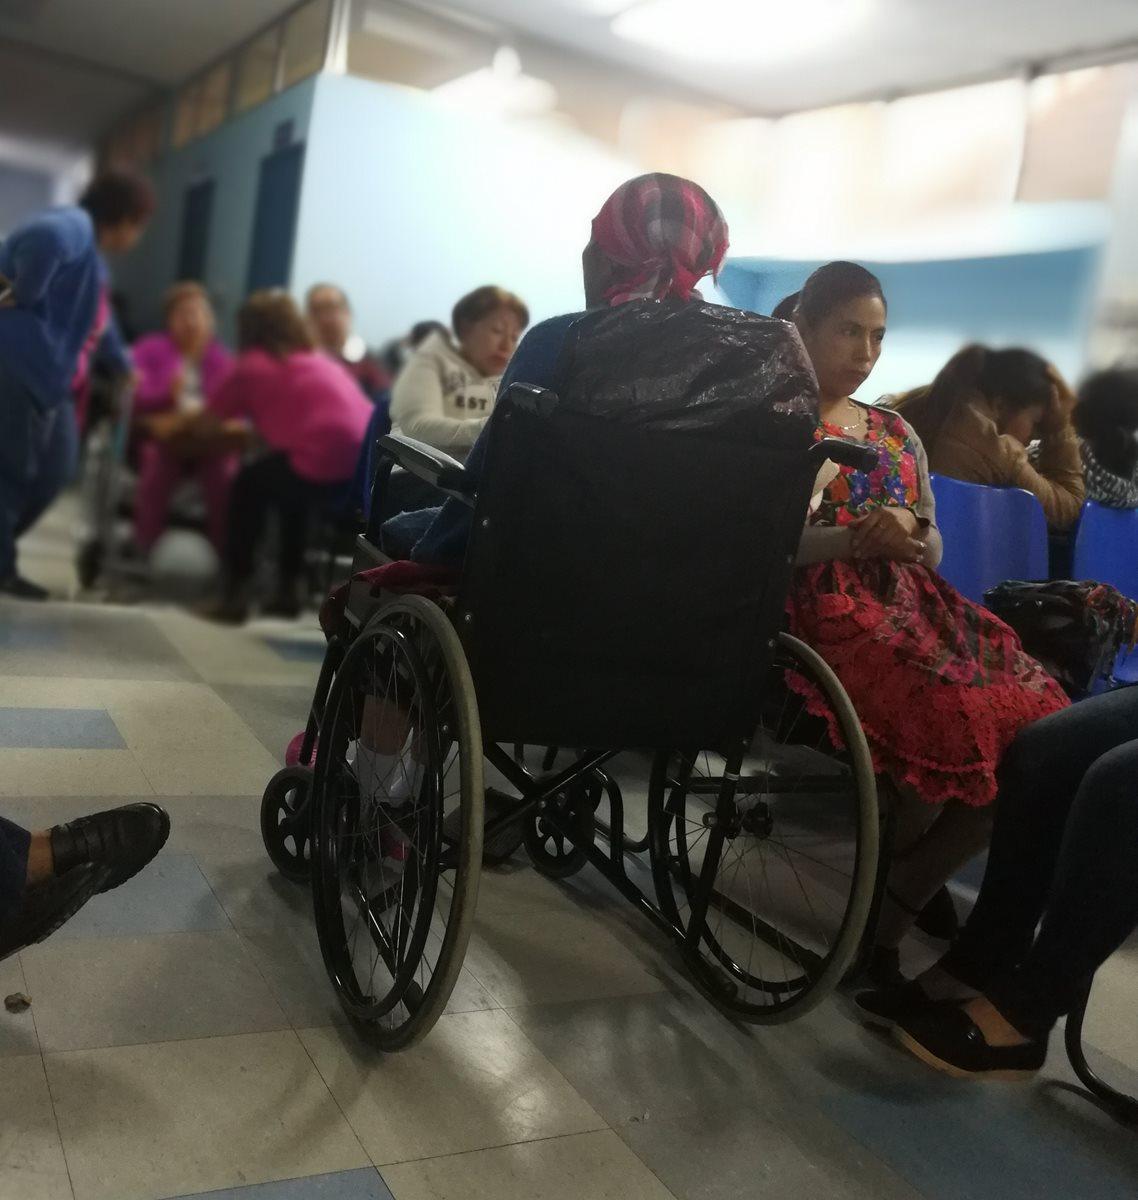 En el área de oncología del Hospital General muchos pacientes han dejado de recibir el tratamiento de quimioterapia por falta de medicamentos. (Foto Prensa Libre: Ana Lucía Ola)